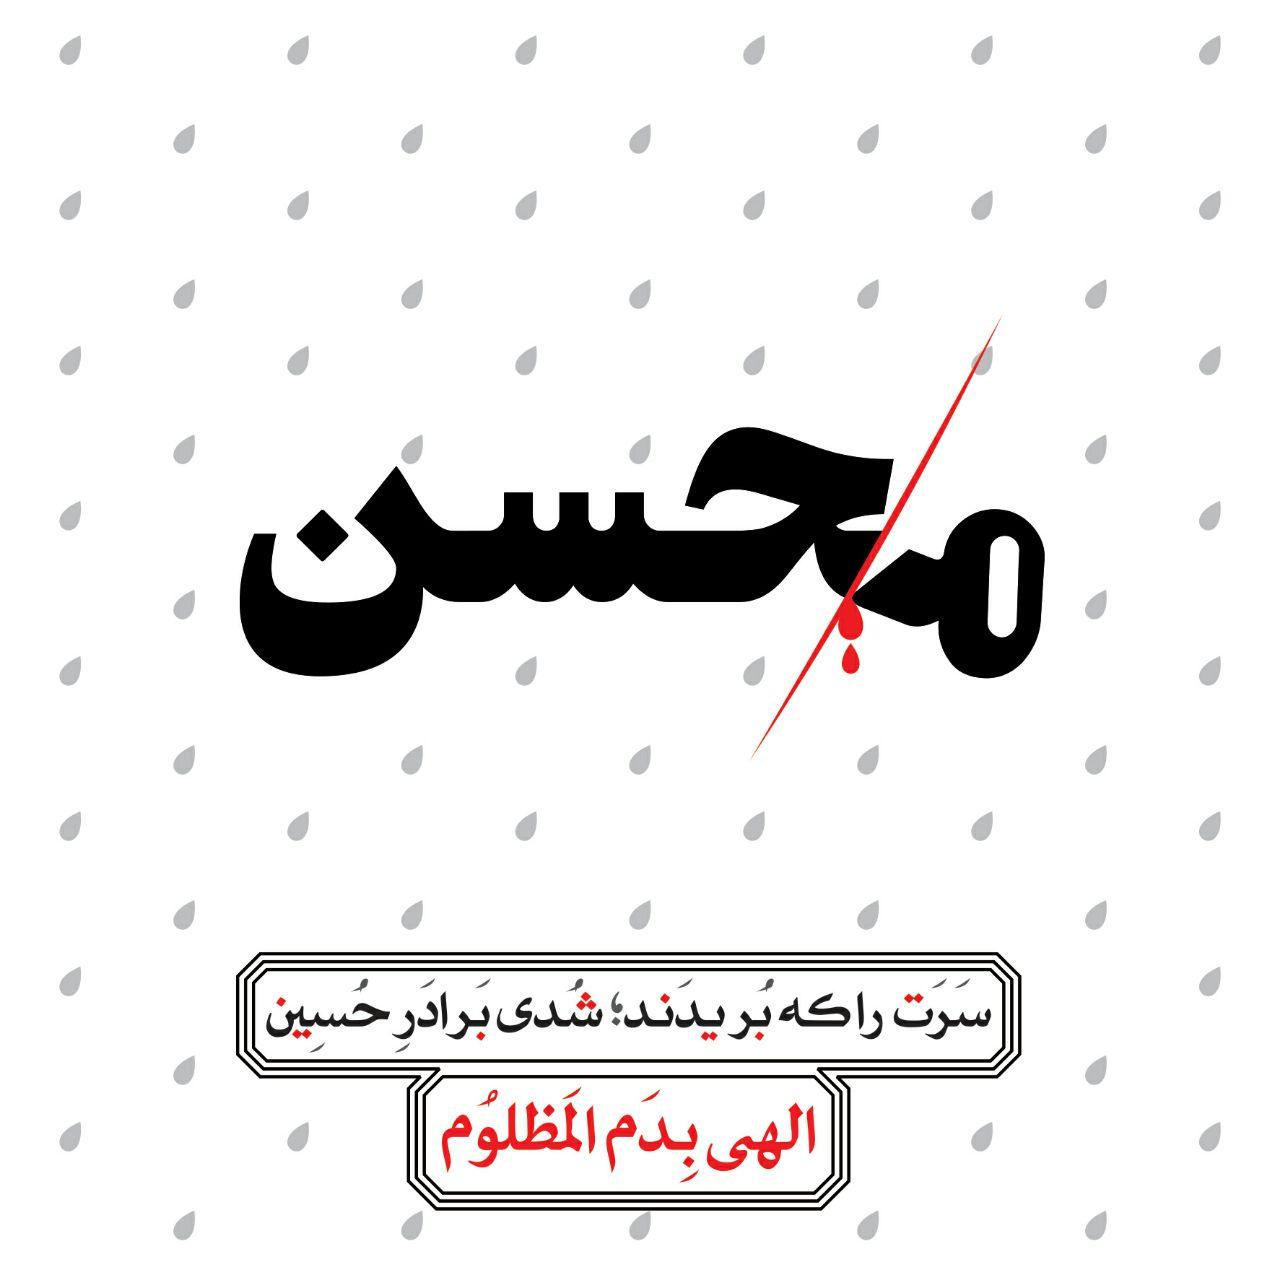 گزارش های اختصاصی شبکه افق از شهید حججی+فیلم گزارش های اختصاصی شبکه افق از شهید حججی+فیلم گزارش های اختصاصی شبکه افق از شهید حججی+فیلم photo5798820266602768863 1